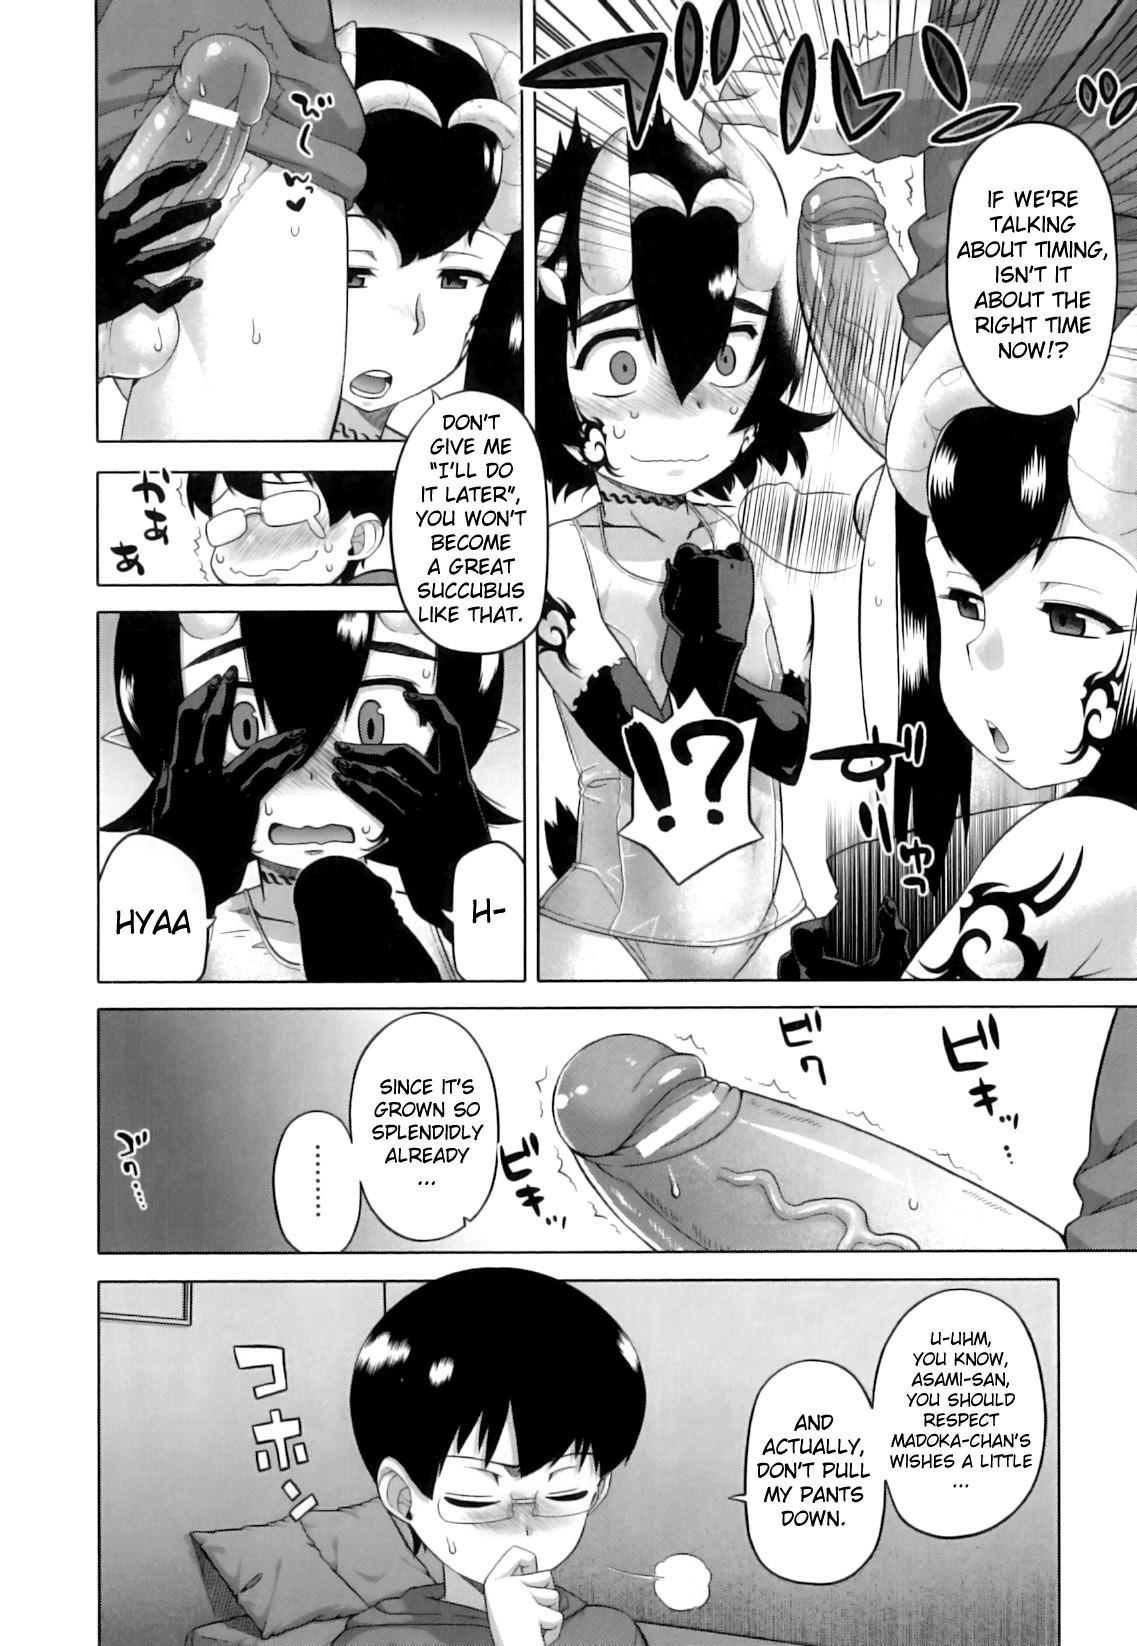 [Takatsu] DH! ~Himorogi Hyaku Yome Gatari~ | Demon-Hentai! - Shrine of One Hundred Wives [English] {doujin-moe.us} 170